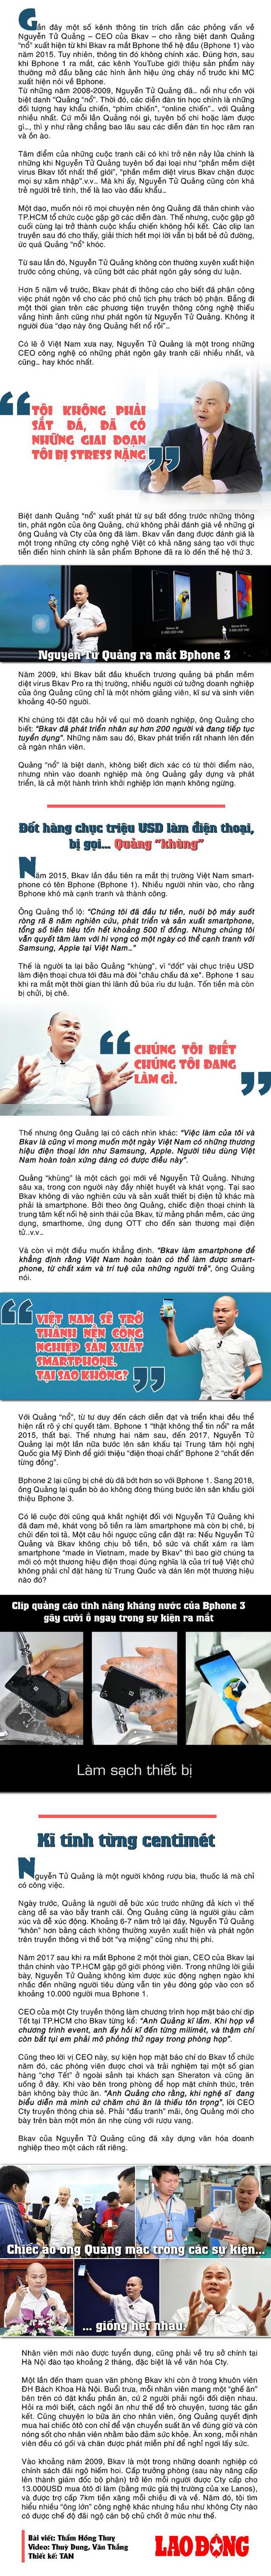 CEO Nguyễn Tử Quảng: Với tôi, tiền chỉ là hệ quả, không phải mục đích - Ảnh 1.